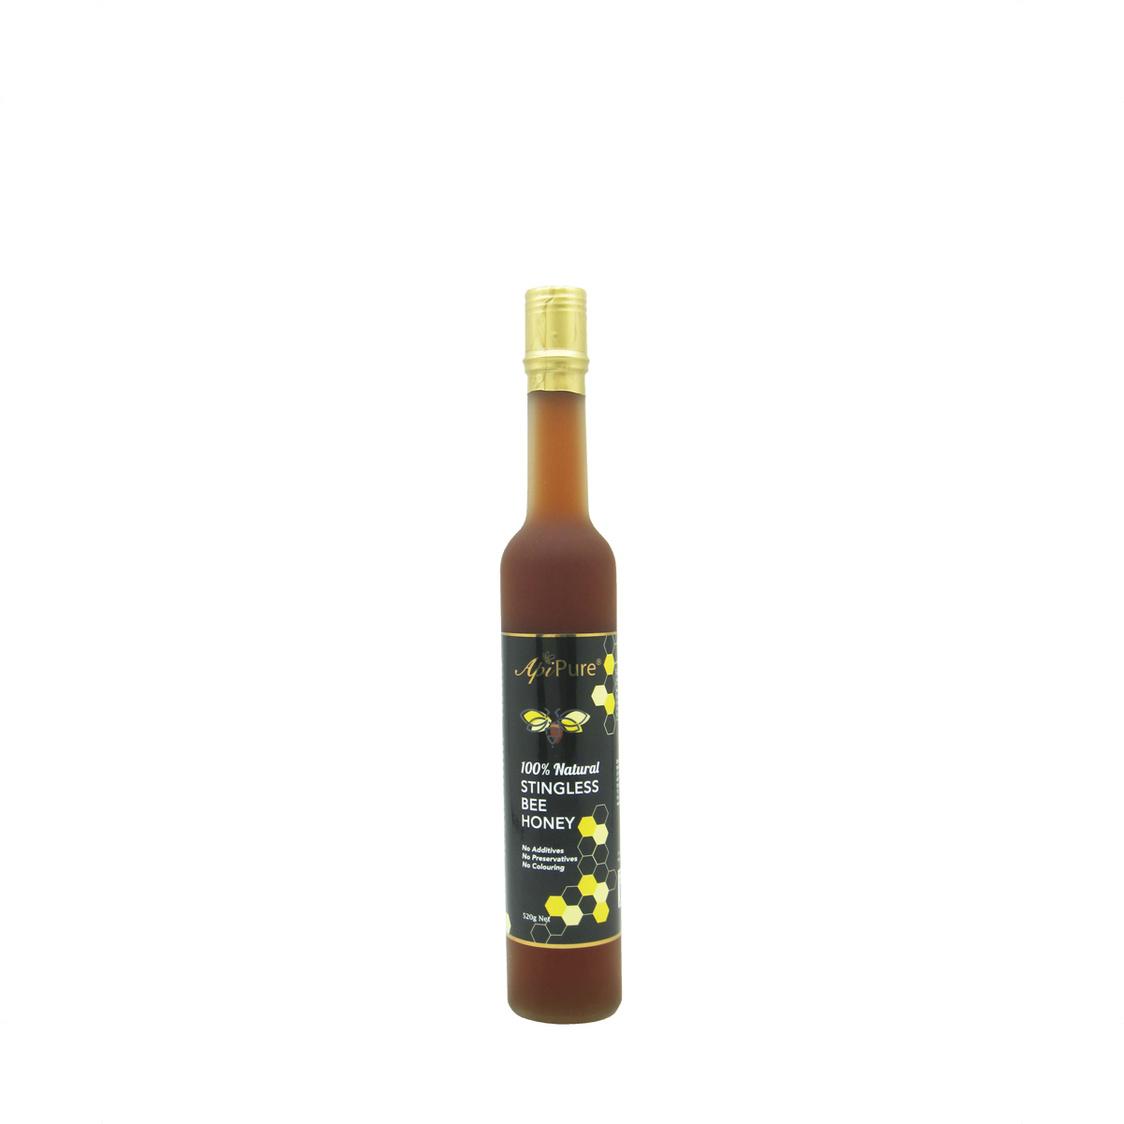 Apipure Apipure Stingless Bee Honey 520g